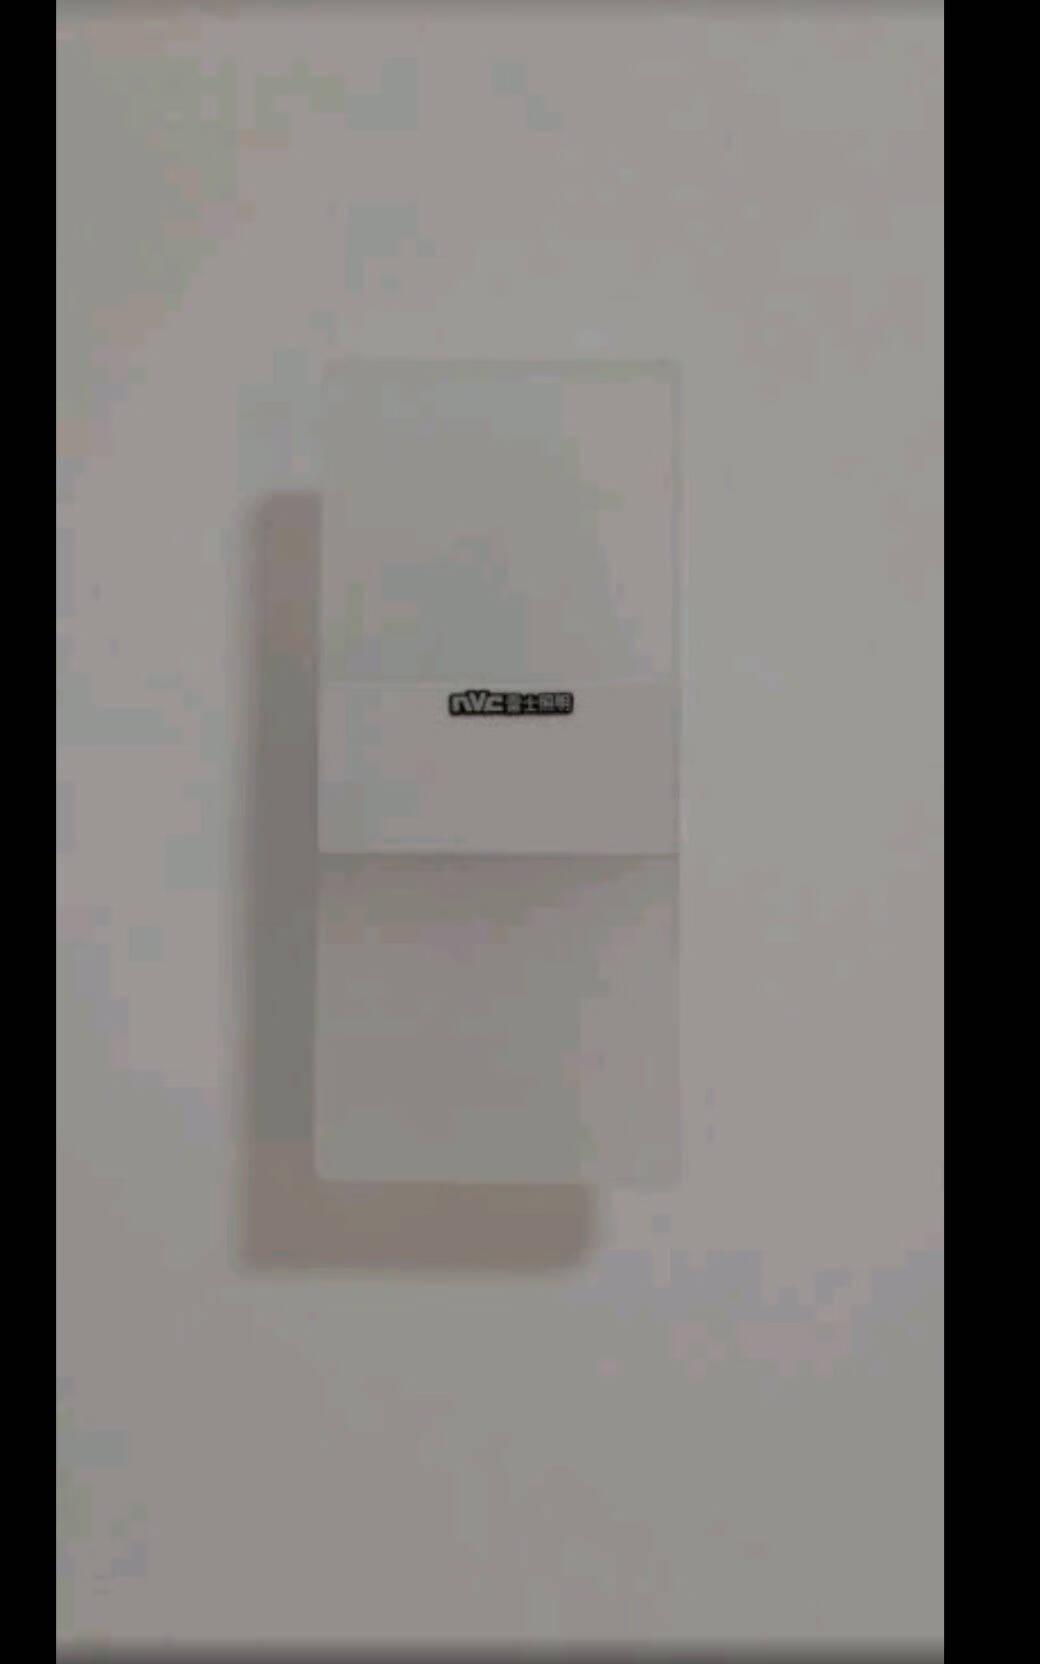 【雷士直营】雷士照明壁灯北欧风现代简约长方形床头灯优雅时尚客厅卧室灯书房家用酒店房间过道灯饰6W